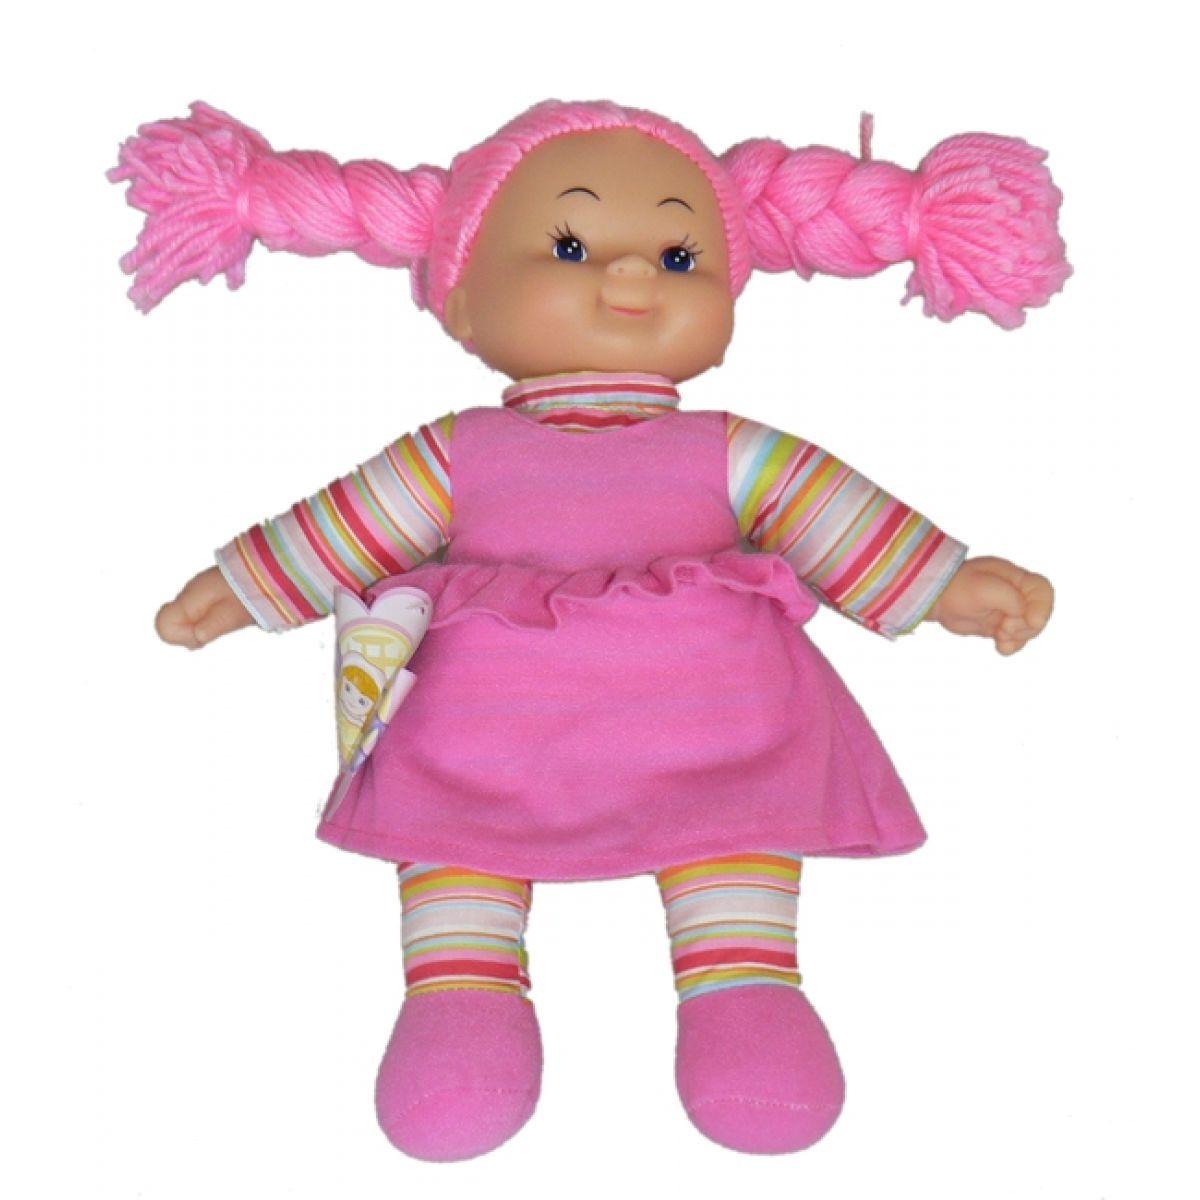 Simba Látková panenka Cheeky 38cm Vlasy růžové zapletené